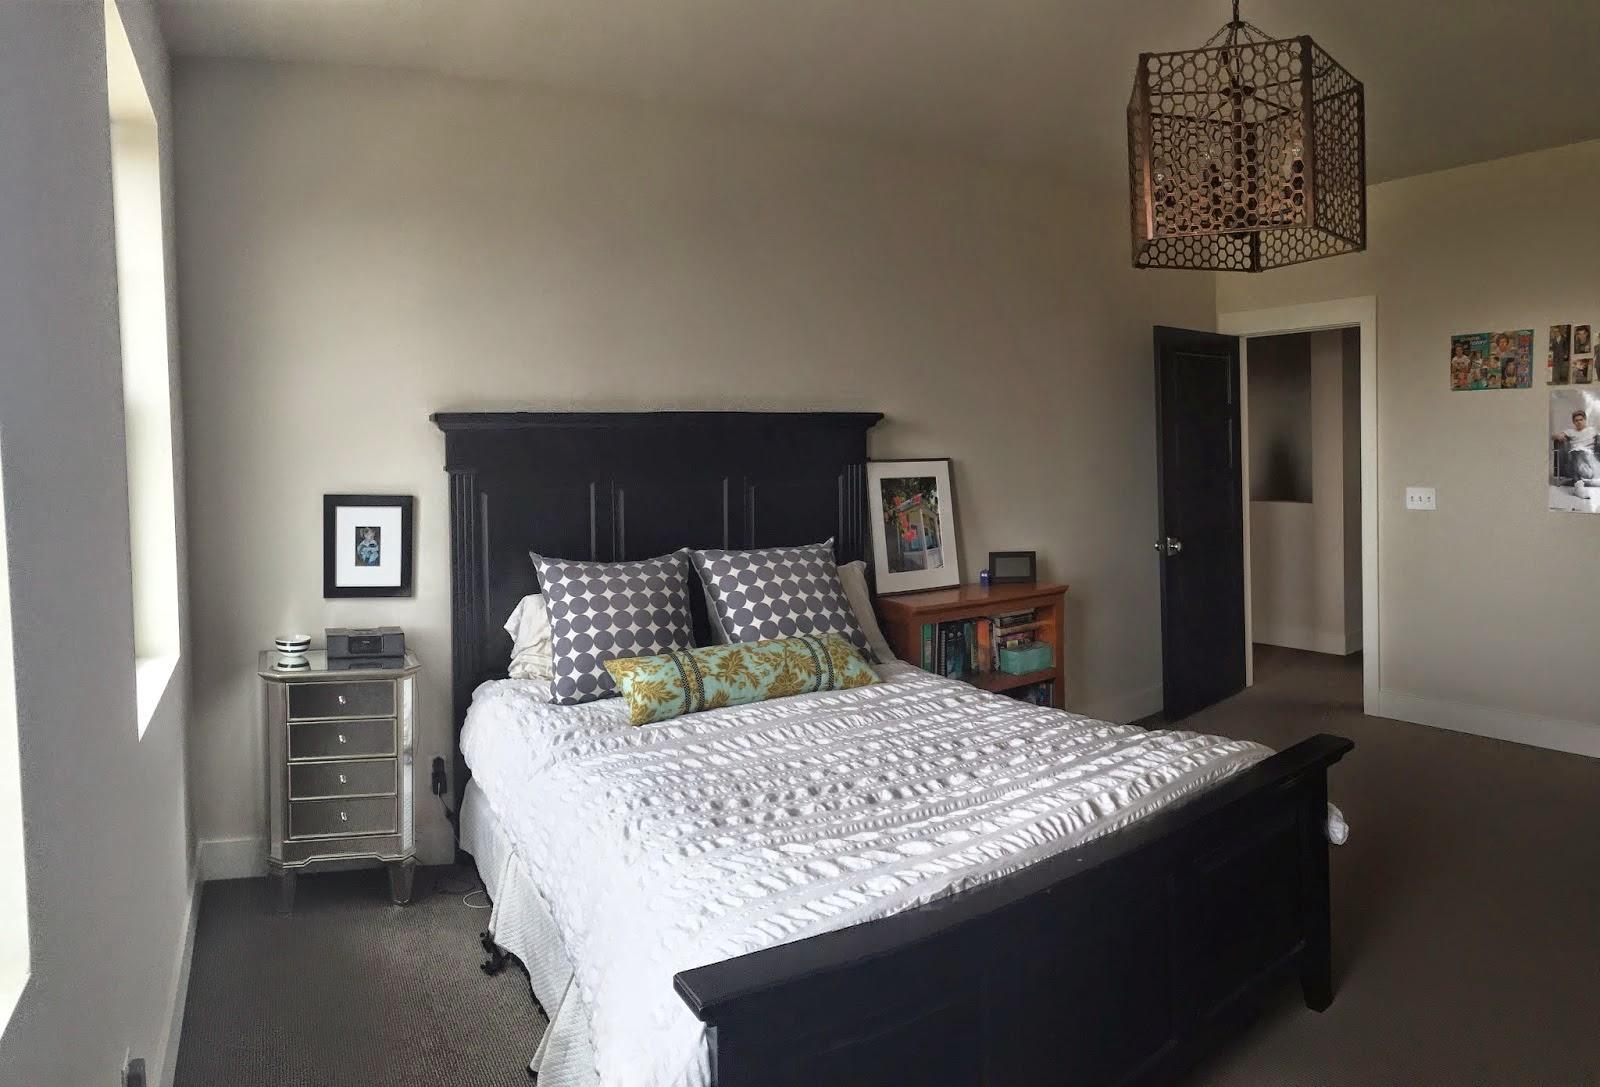 Design dump one room challenge reveal teen bedroom with for Room design challenge